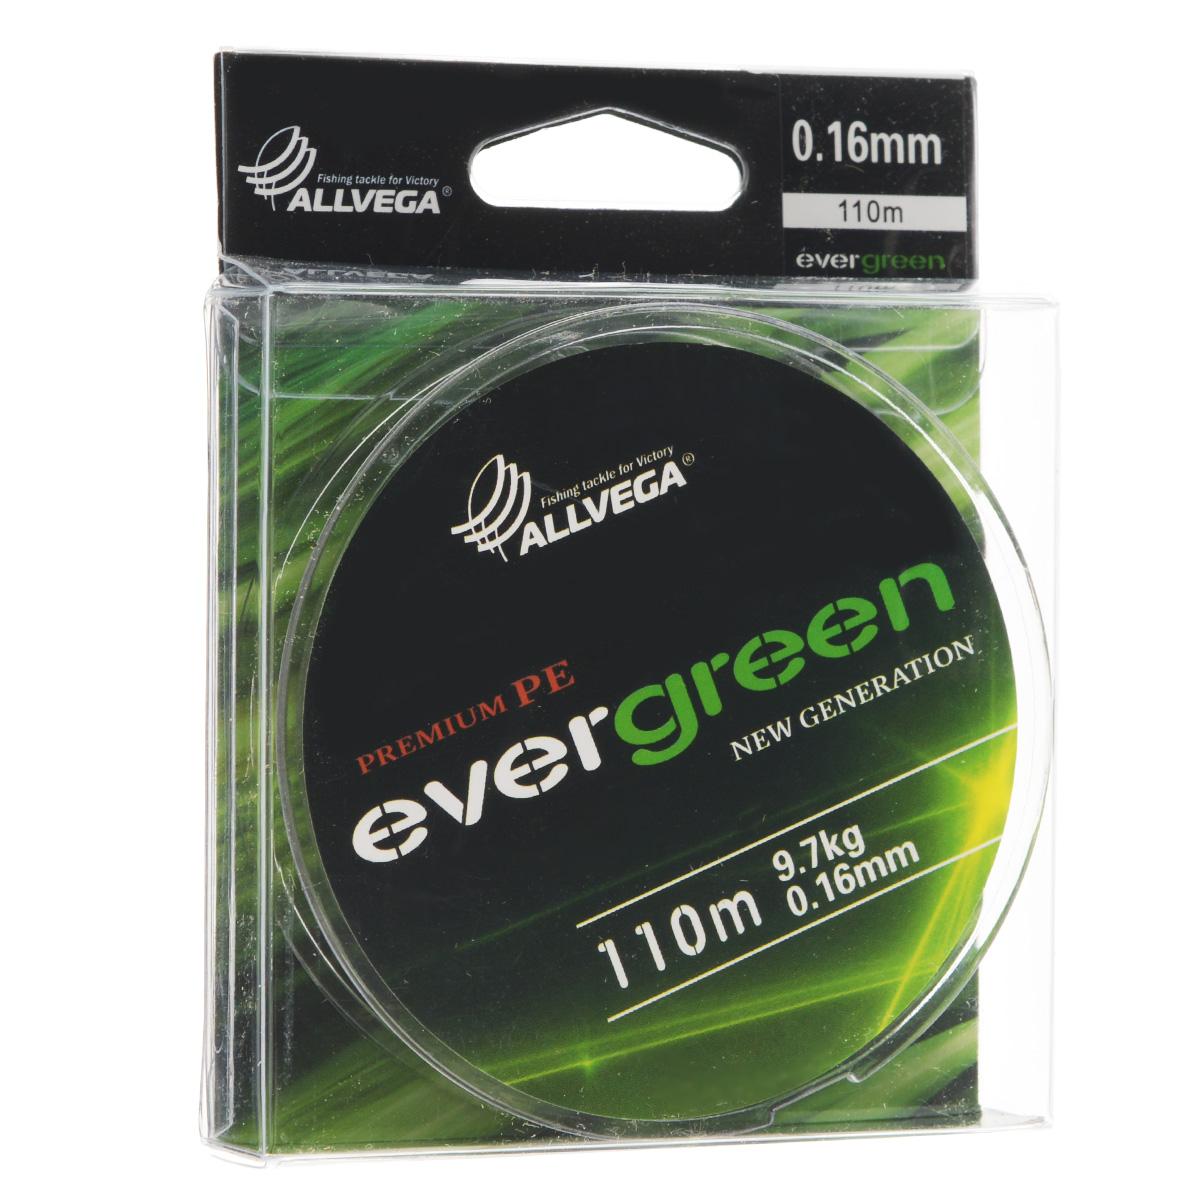 Леска плетеная Allvega Evergreen, цвет: темно-зеленый, 110 м, 0,16 мм, 9,7 кг51535Плетеная леска Allvega Evergreen очень прочная и способна выдержать сильные нагрузки. Благодаря высококачественному сырью леска Allvega Allvega Evergreen максимально устойчива к любым погодным условиям и особенностям каждого водоема. При традиционных методах производства плетеные шнуры со временем теряют свой цвет (покрытие), а вместе с ним и часть своих полезных физических свойств. Революционно новый подход в технологии изготовления лесок Allvega Evergreen позволяет забыть о проблеме потери цвета в процессе использования шнура. Он всегда будет зеленым - он просто не может быть другим!